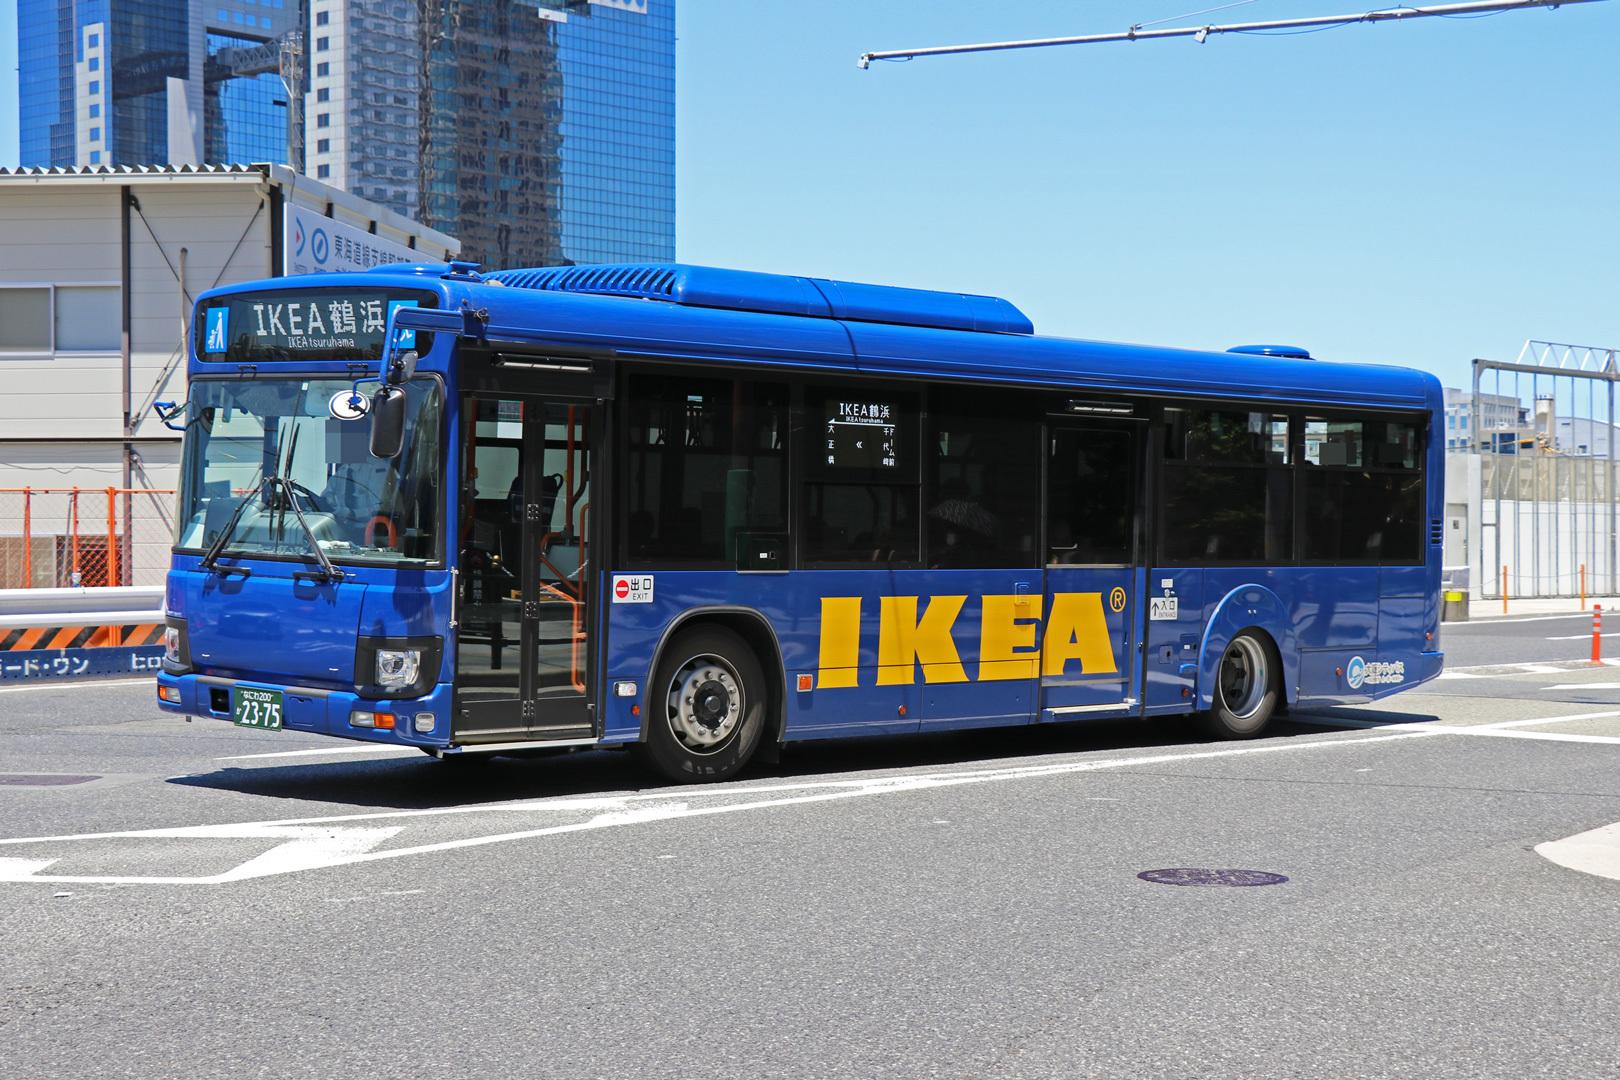 75 神戸 系統 市バス